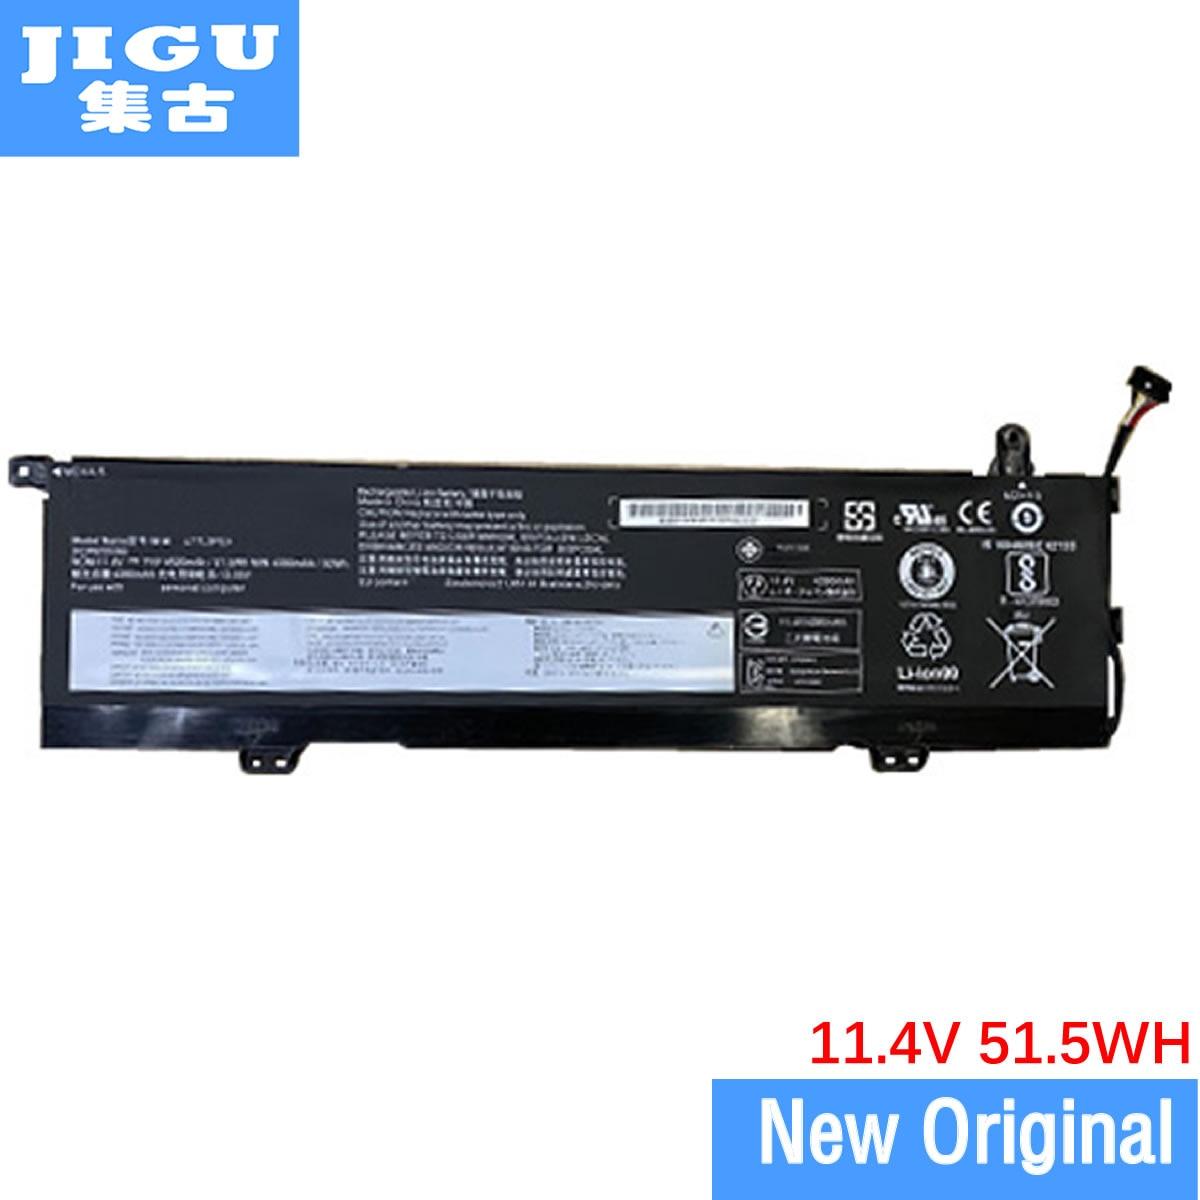 Оригинальный аккумулятор JIGU для ноутбука LENOVO для Yoga 730 15 для Yoga 730-15IKB(81CU003XMZ) для Yoga 730-15IWL-81JS000GGE